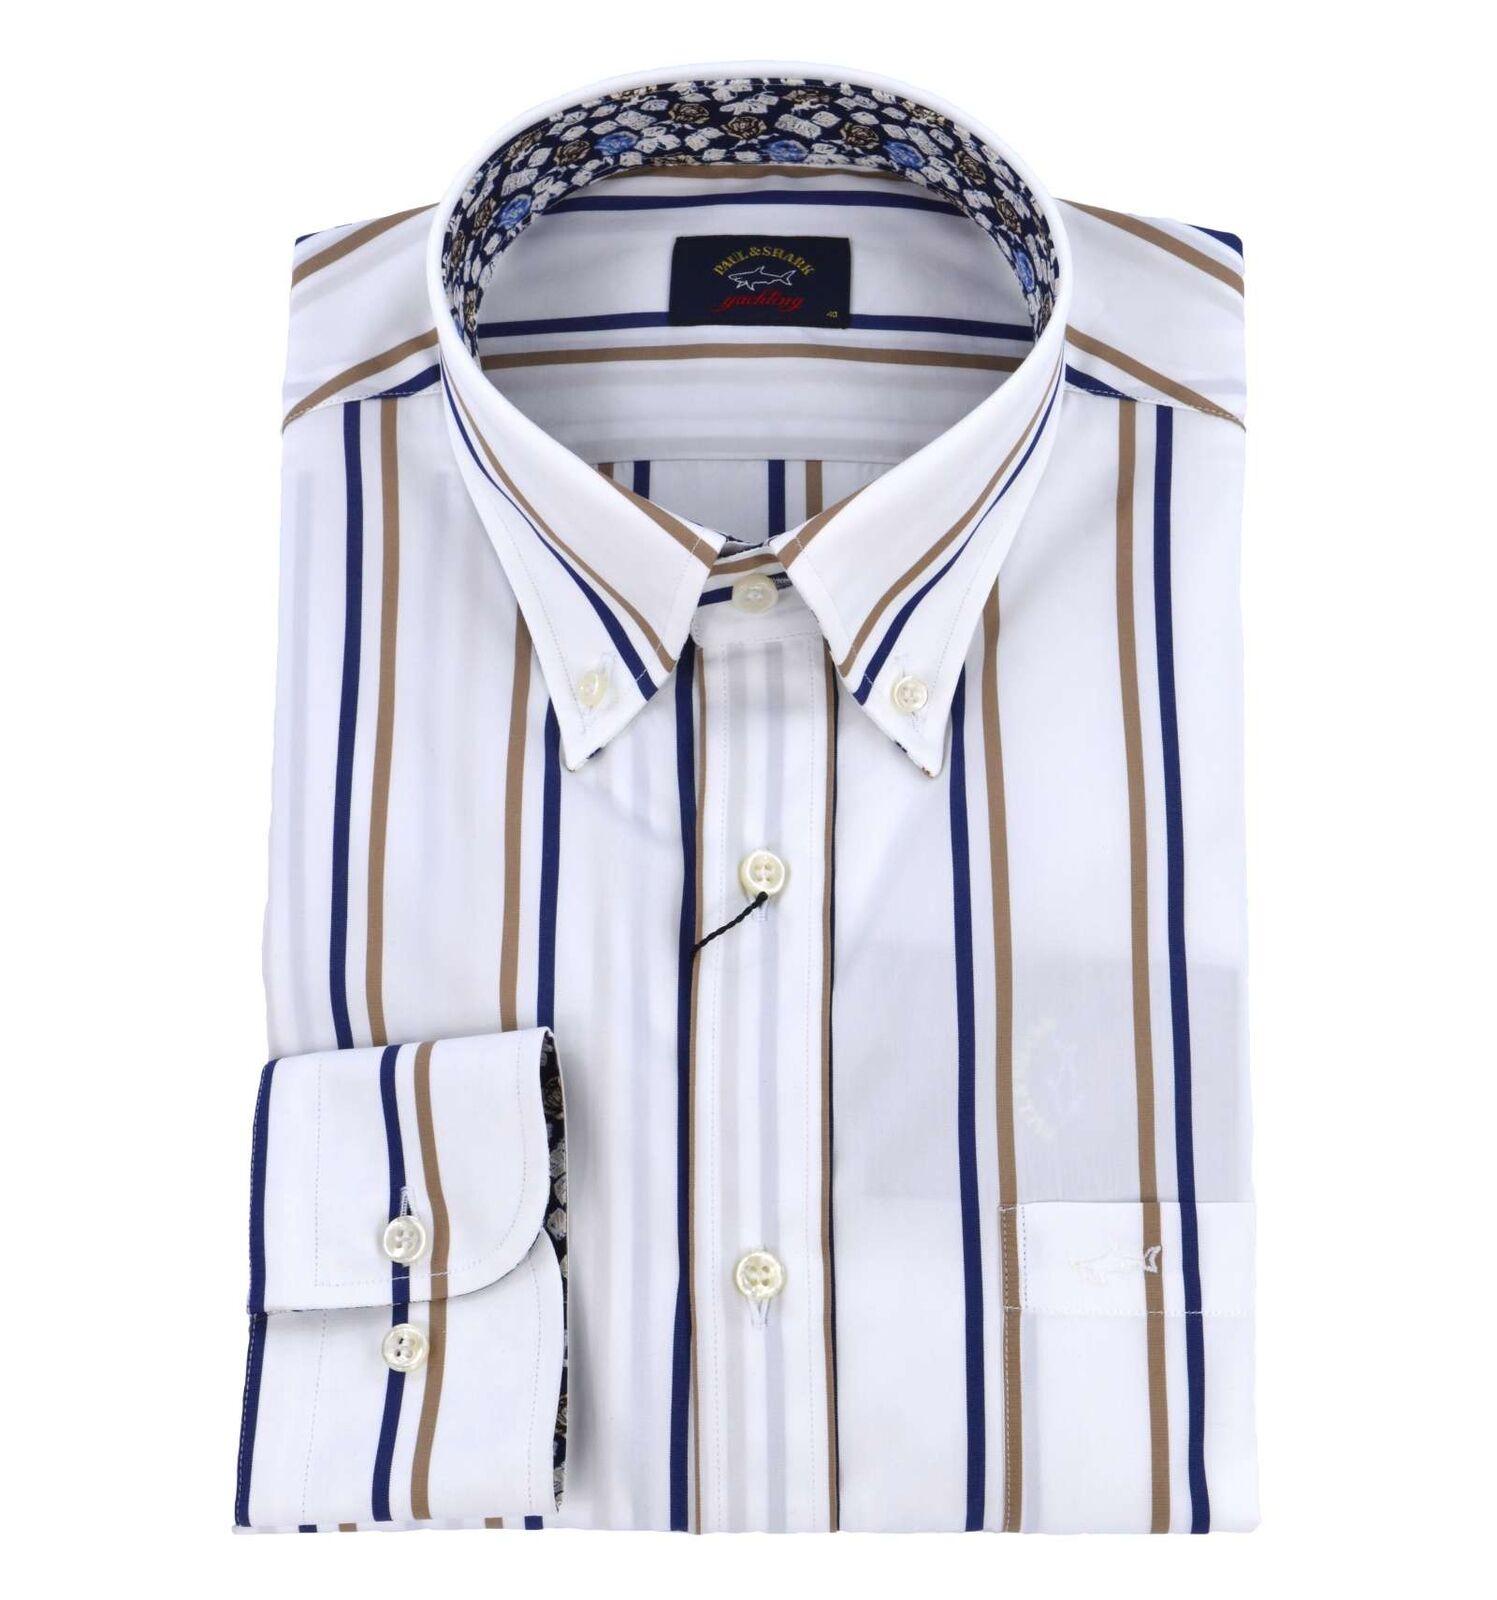 PAUL & SHARK uomo camicia button down righe fondo bianco P18P3206 200